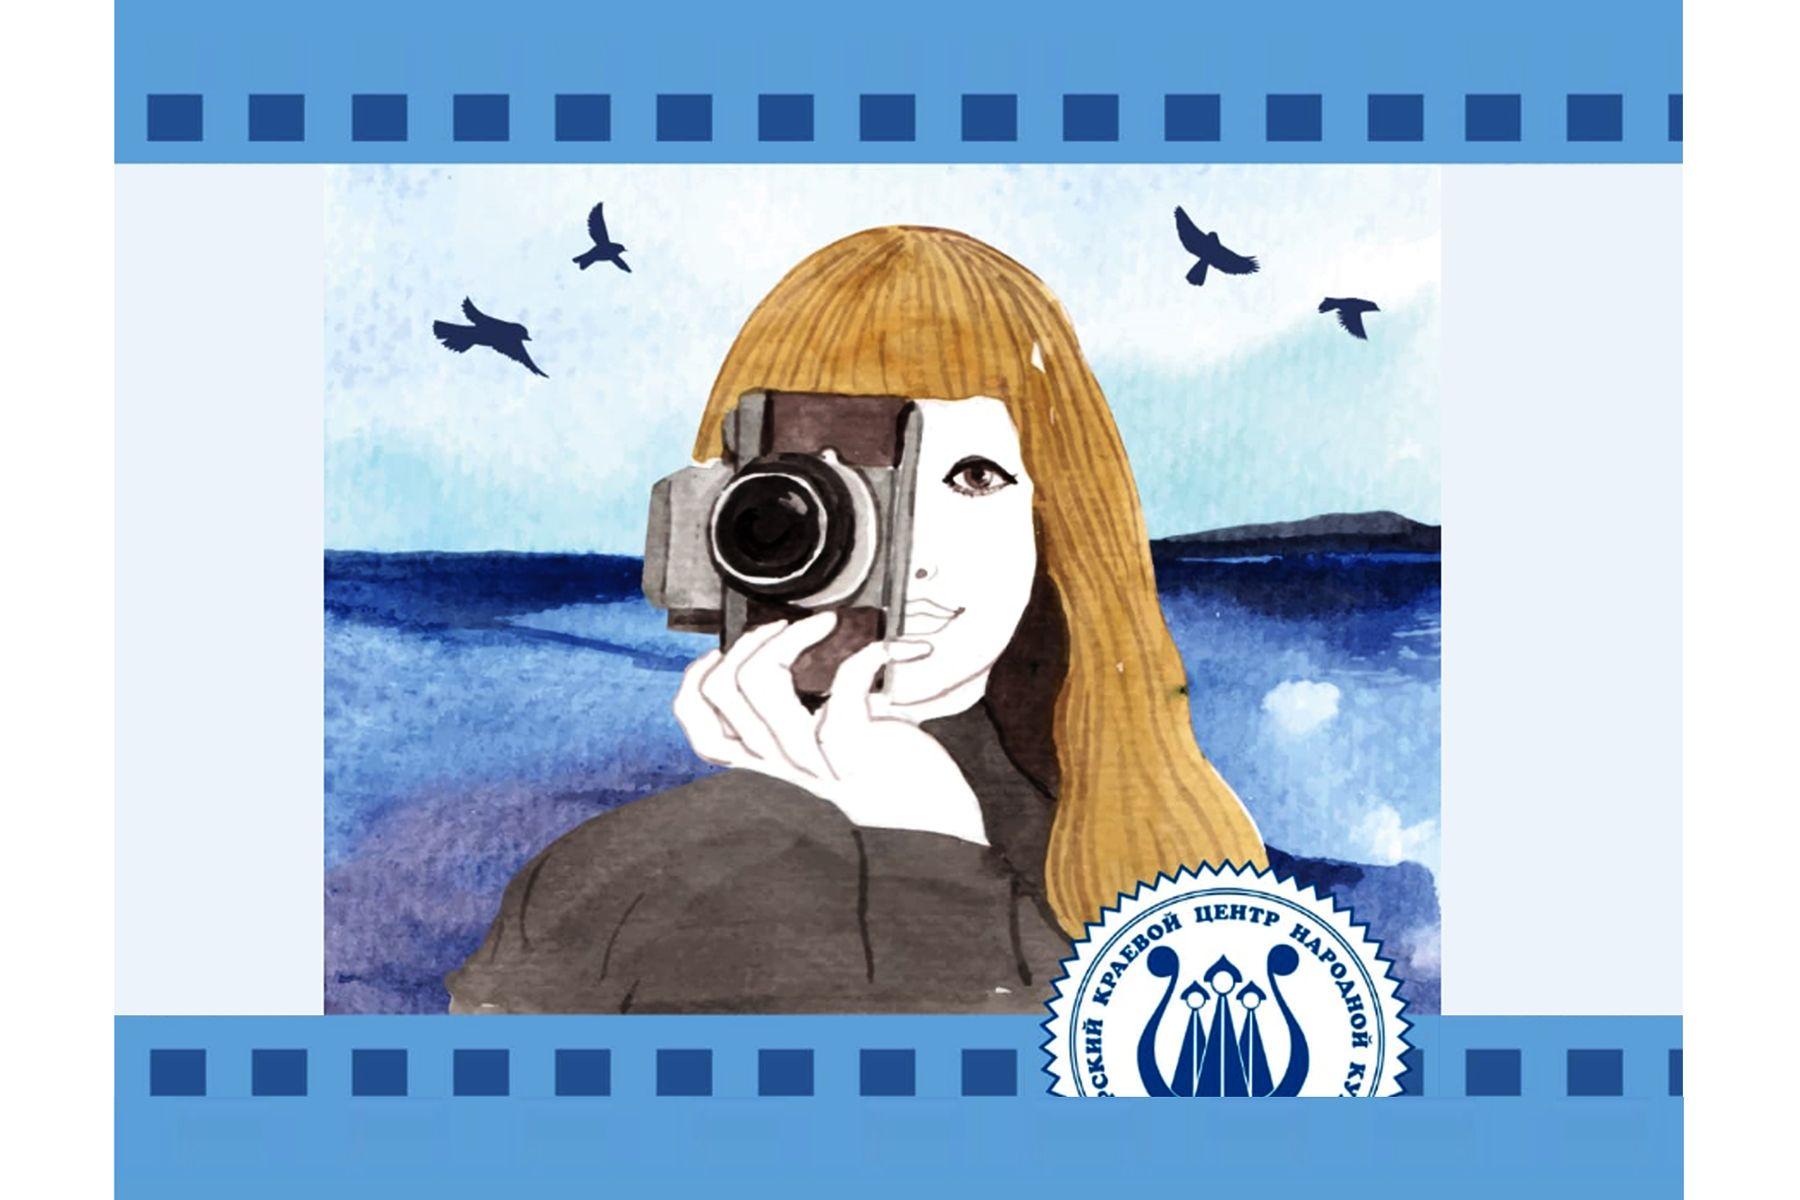 Фотопроект студентов ВГУЭС по исследованию локаций Владивостока «На районе» вырос до регионального фестиваля фотографии